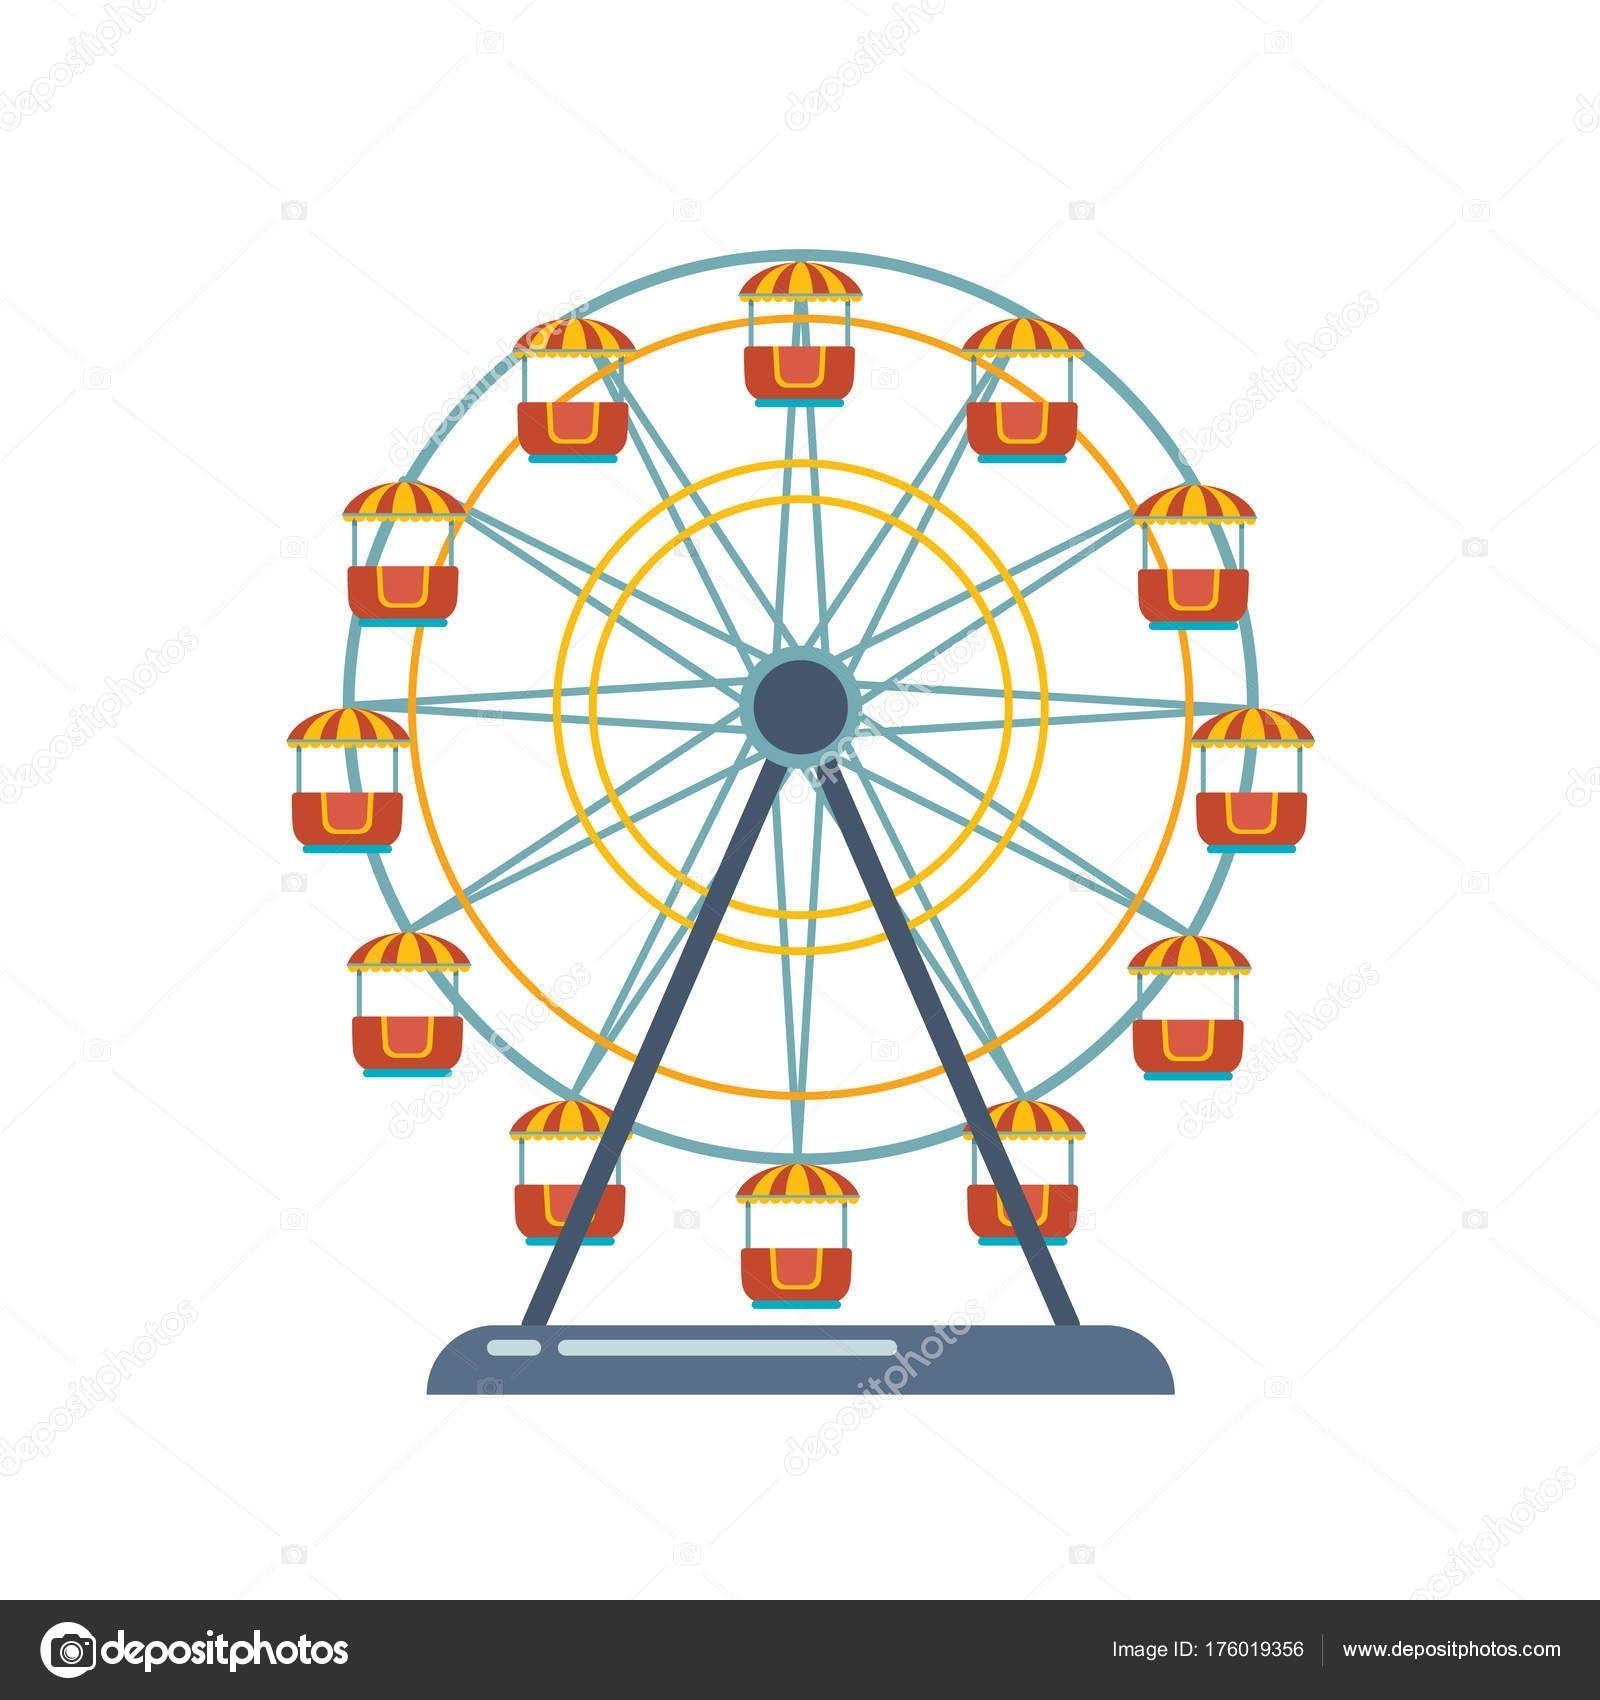 Pour Enfants Aire De Jeux/divertissements, Parc De Loisirs concernant Dessin De Fete Foraine